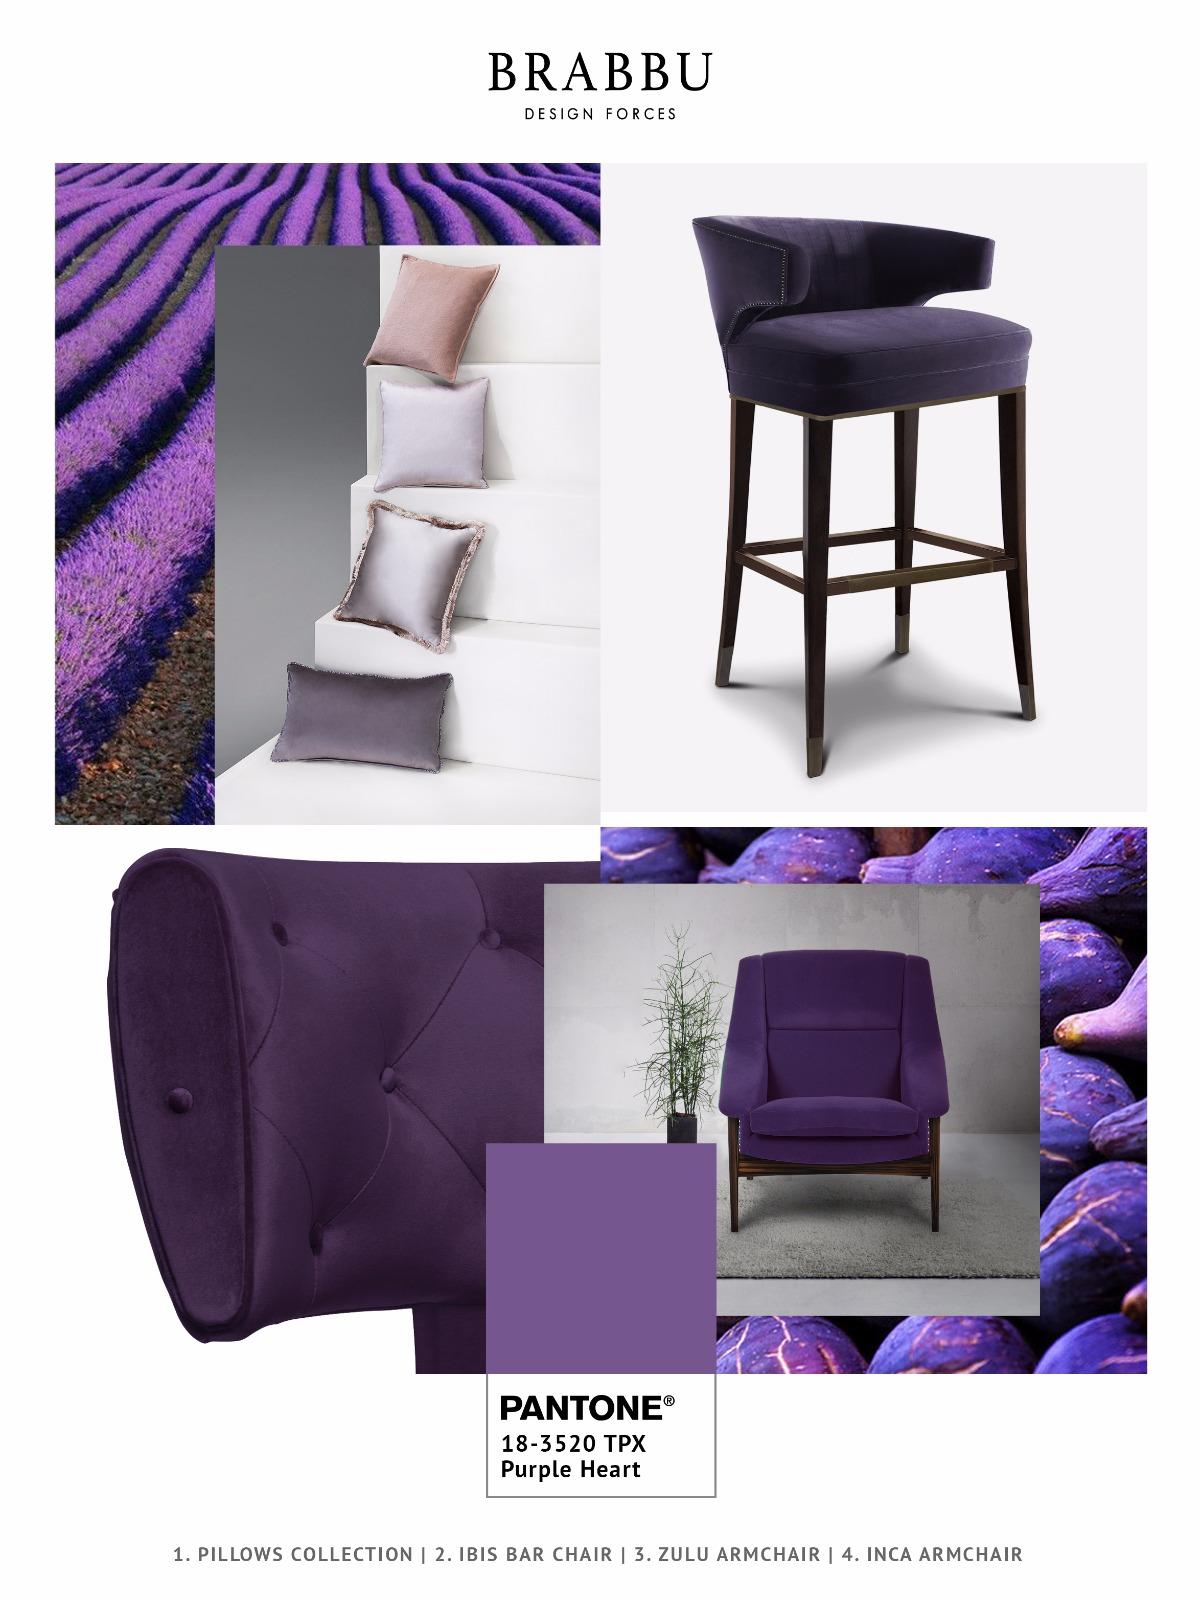 Самые модные цвета весна-лето 2018 Ultra Violet и другие Самые модные цвета Самые модные цвета весна-лето 2018: Purple Heart и другие                                                        2018 Ultra Violet                 5